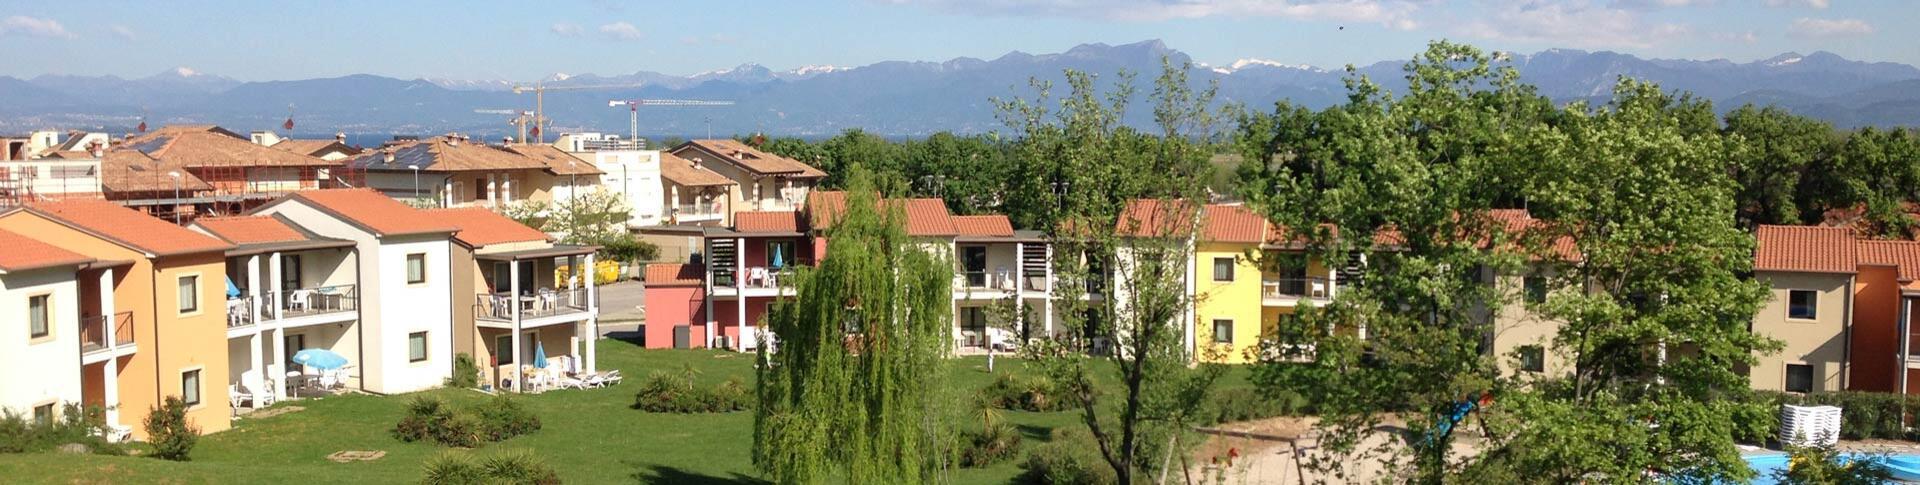 belvederevillage fr acces-belvedere-village 004